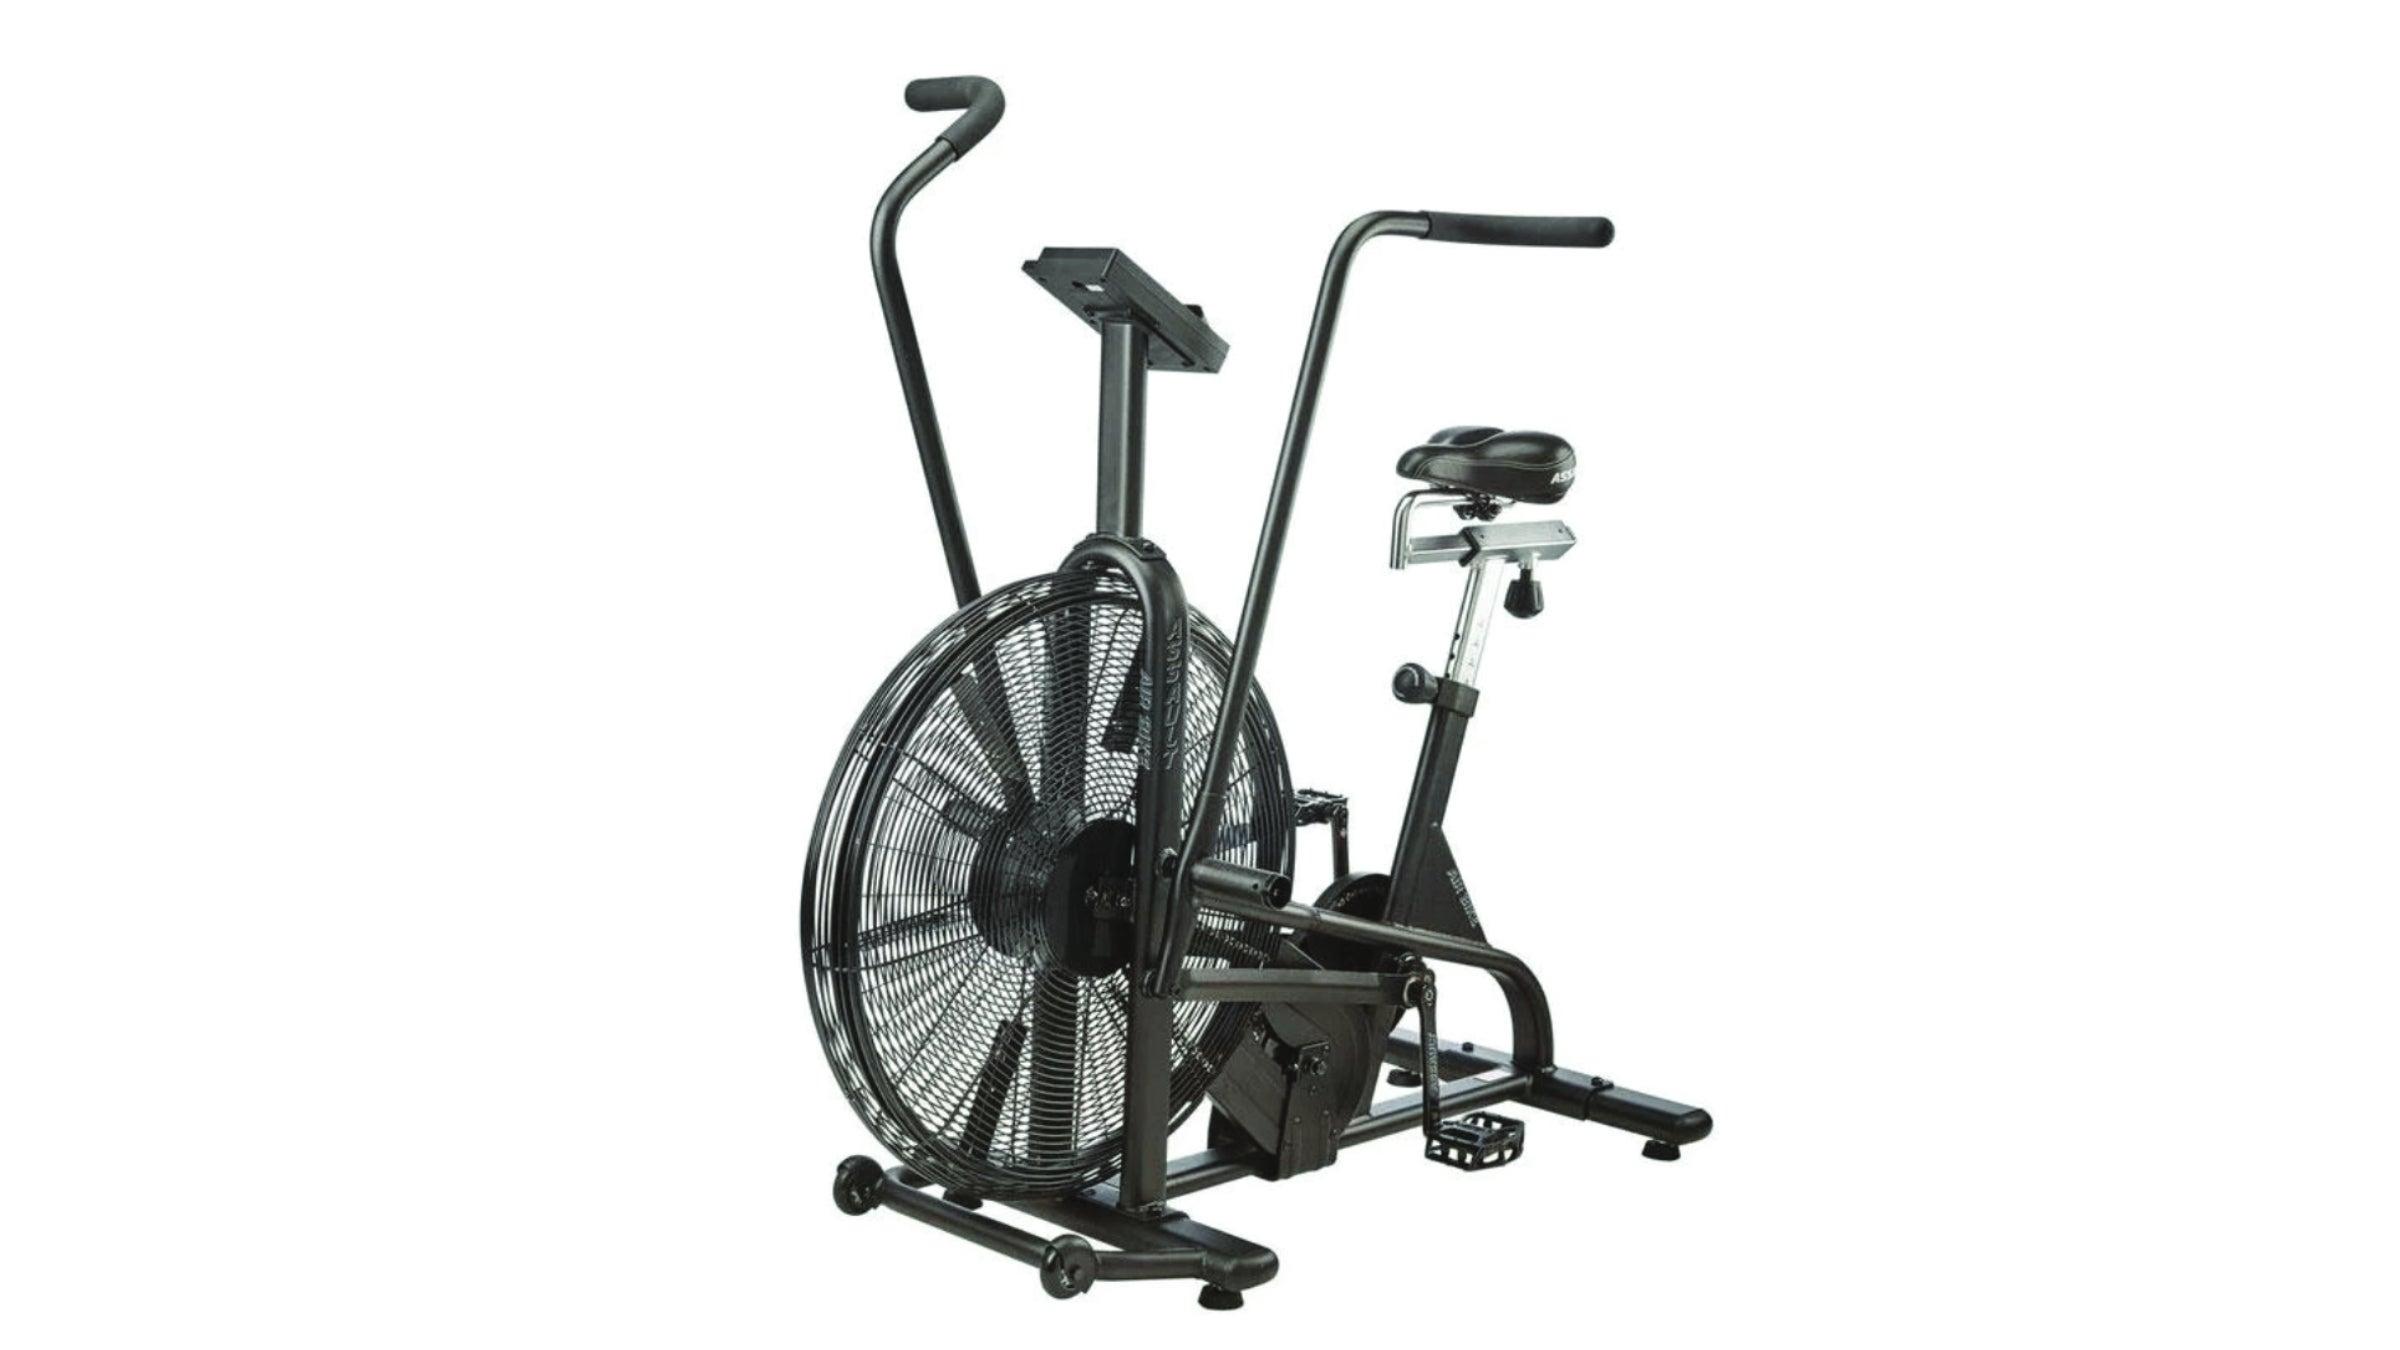 a fan bike